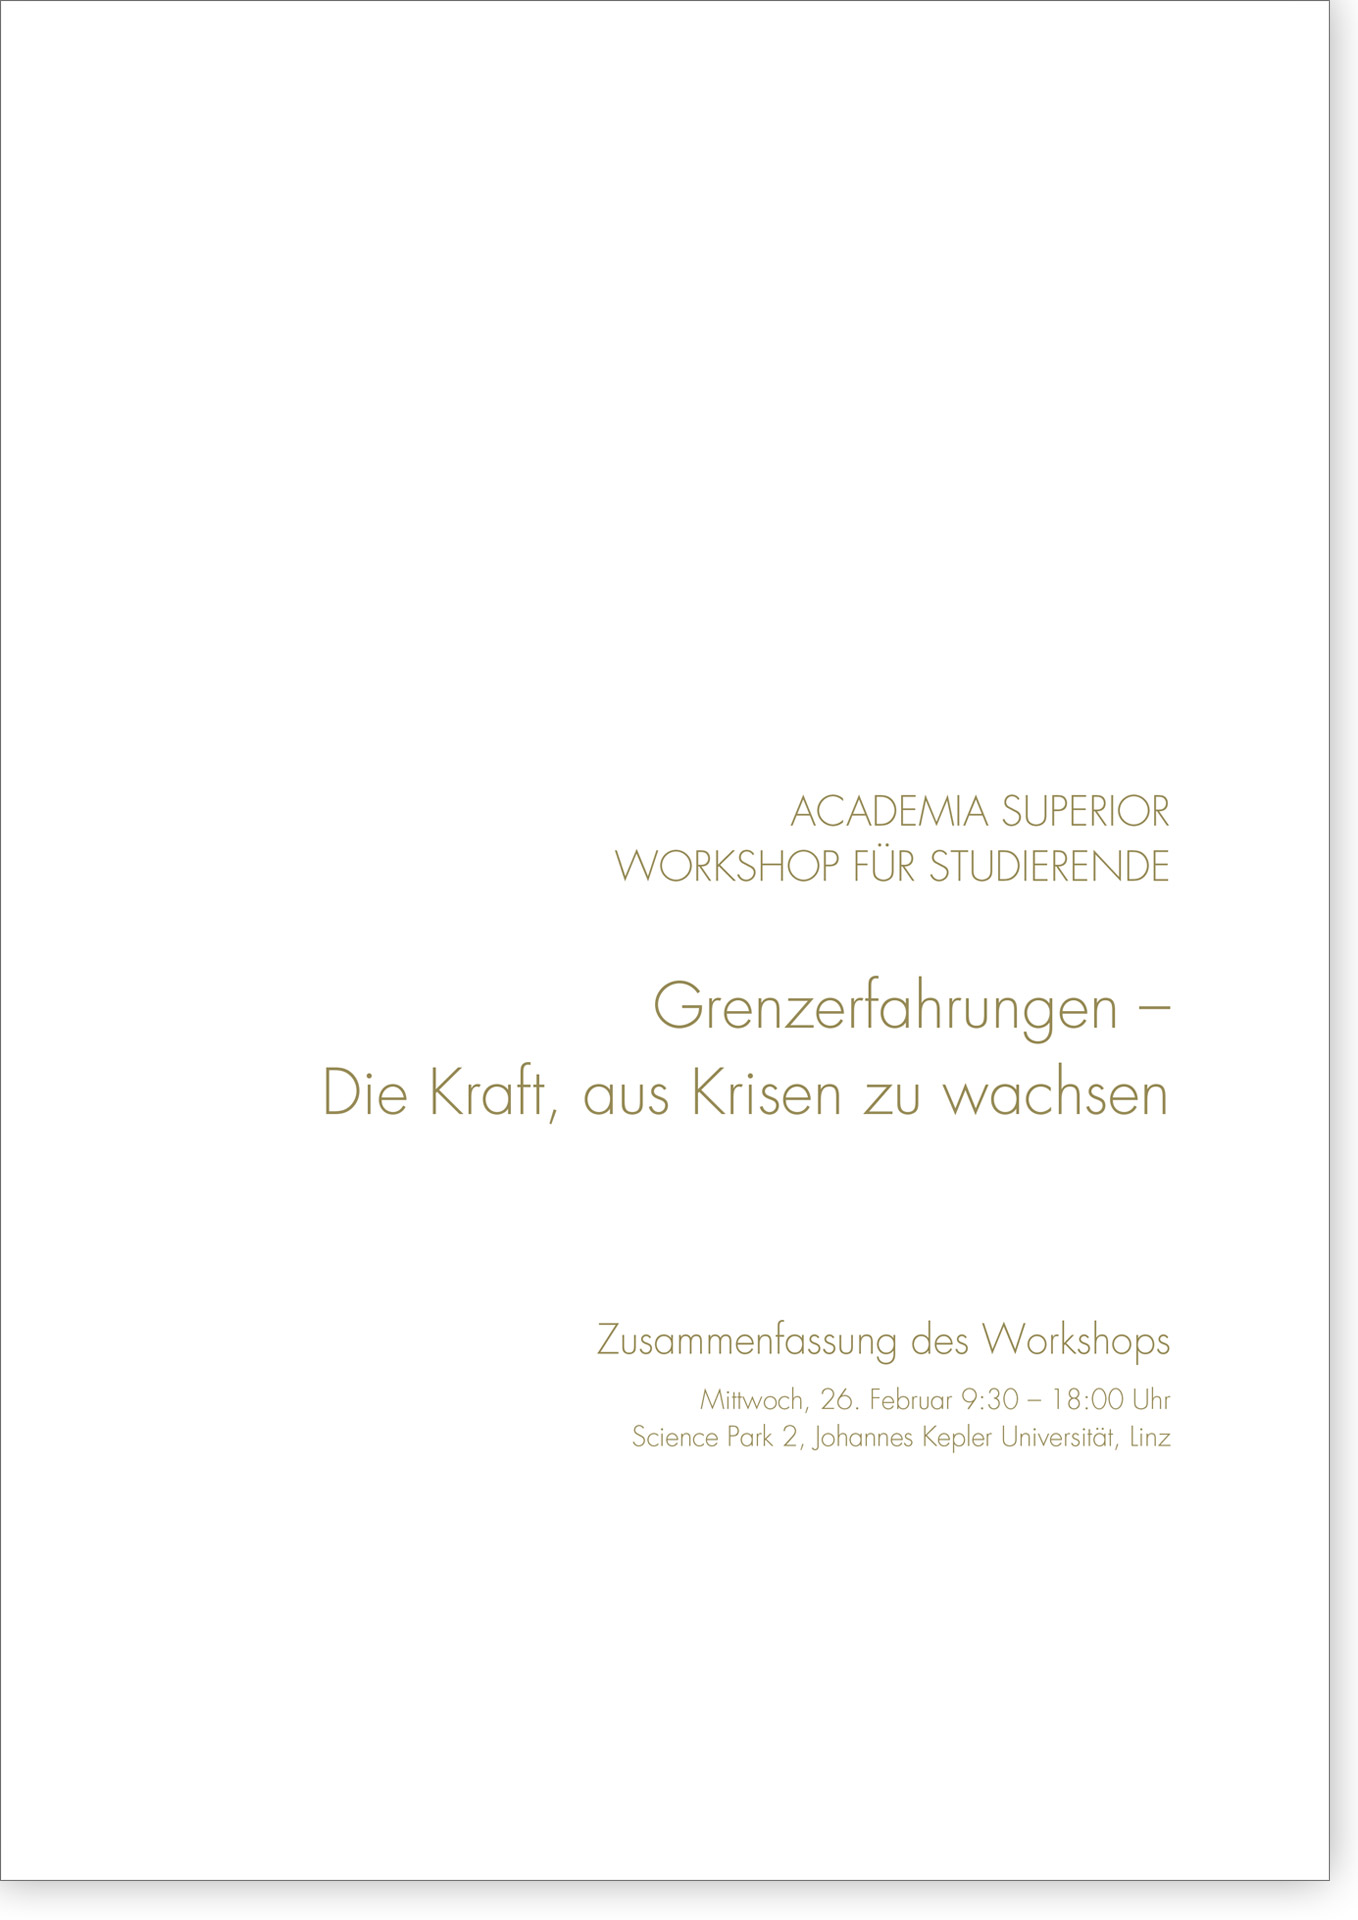 Cover Studierendenworkshop 2014 Grenzerfahrungen